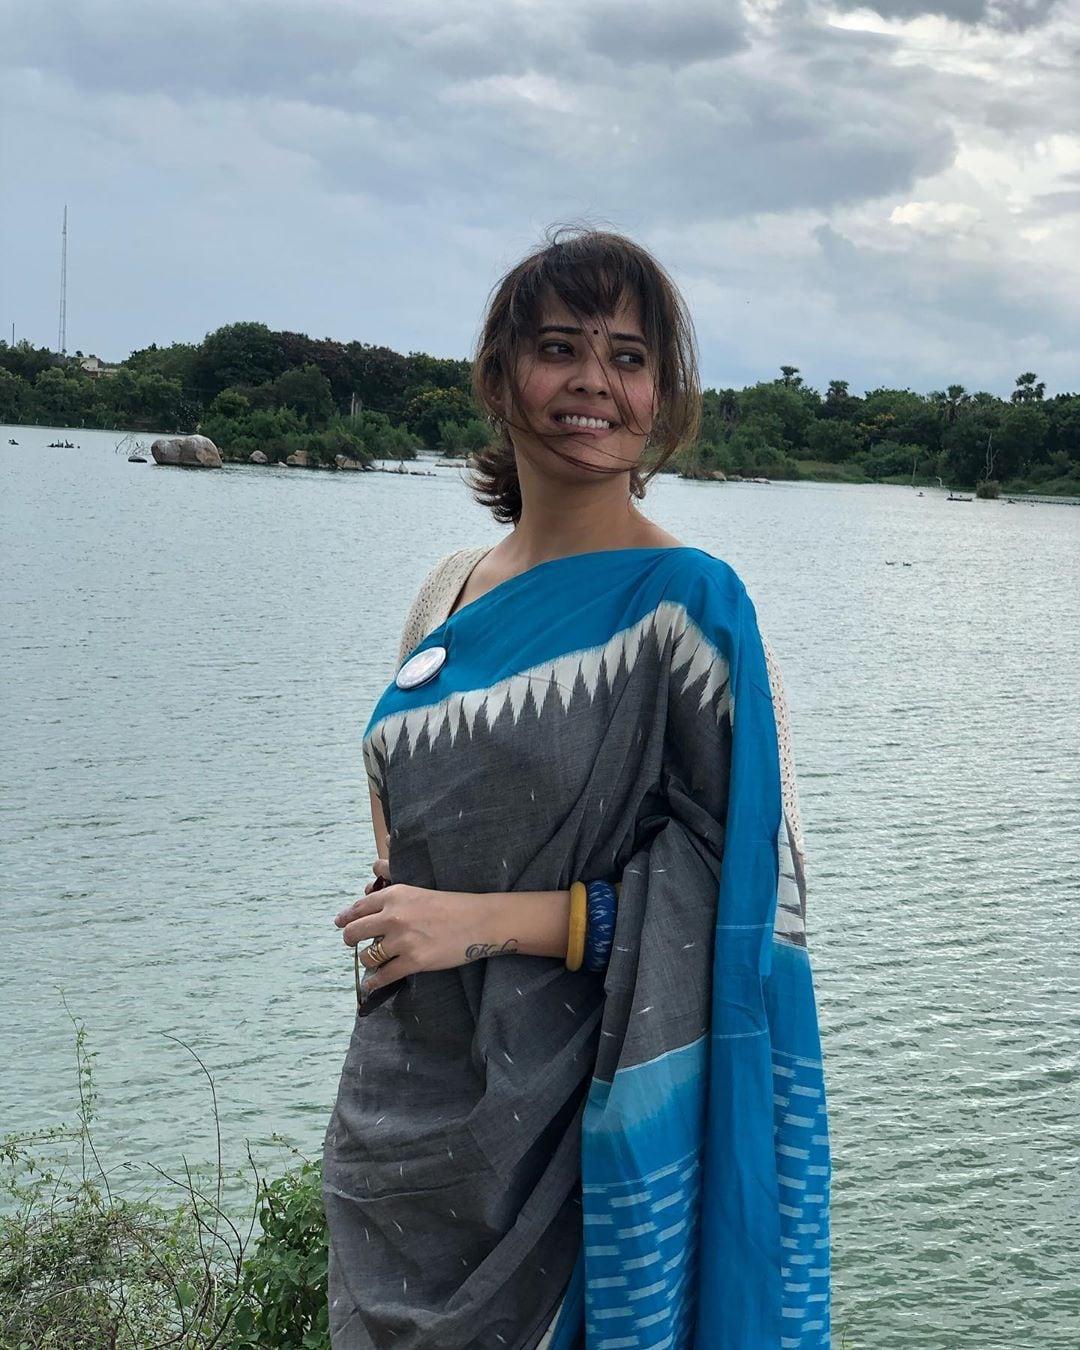 వెరైటీ లుక్స్తో అదరగొడుతున్న అనసూయ భరద్వాజ్ (Instagram/Photo)